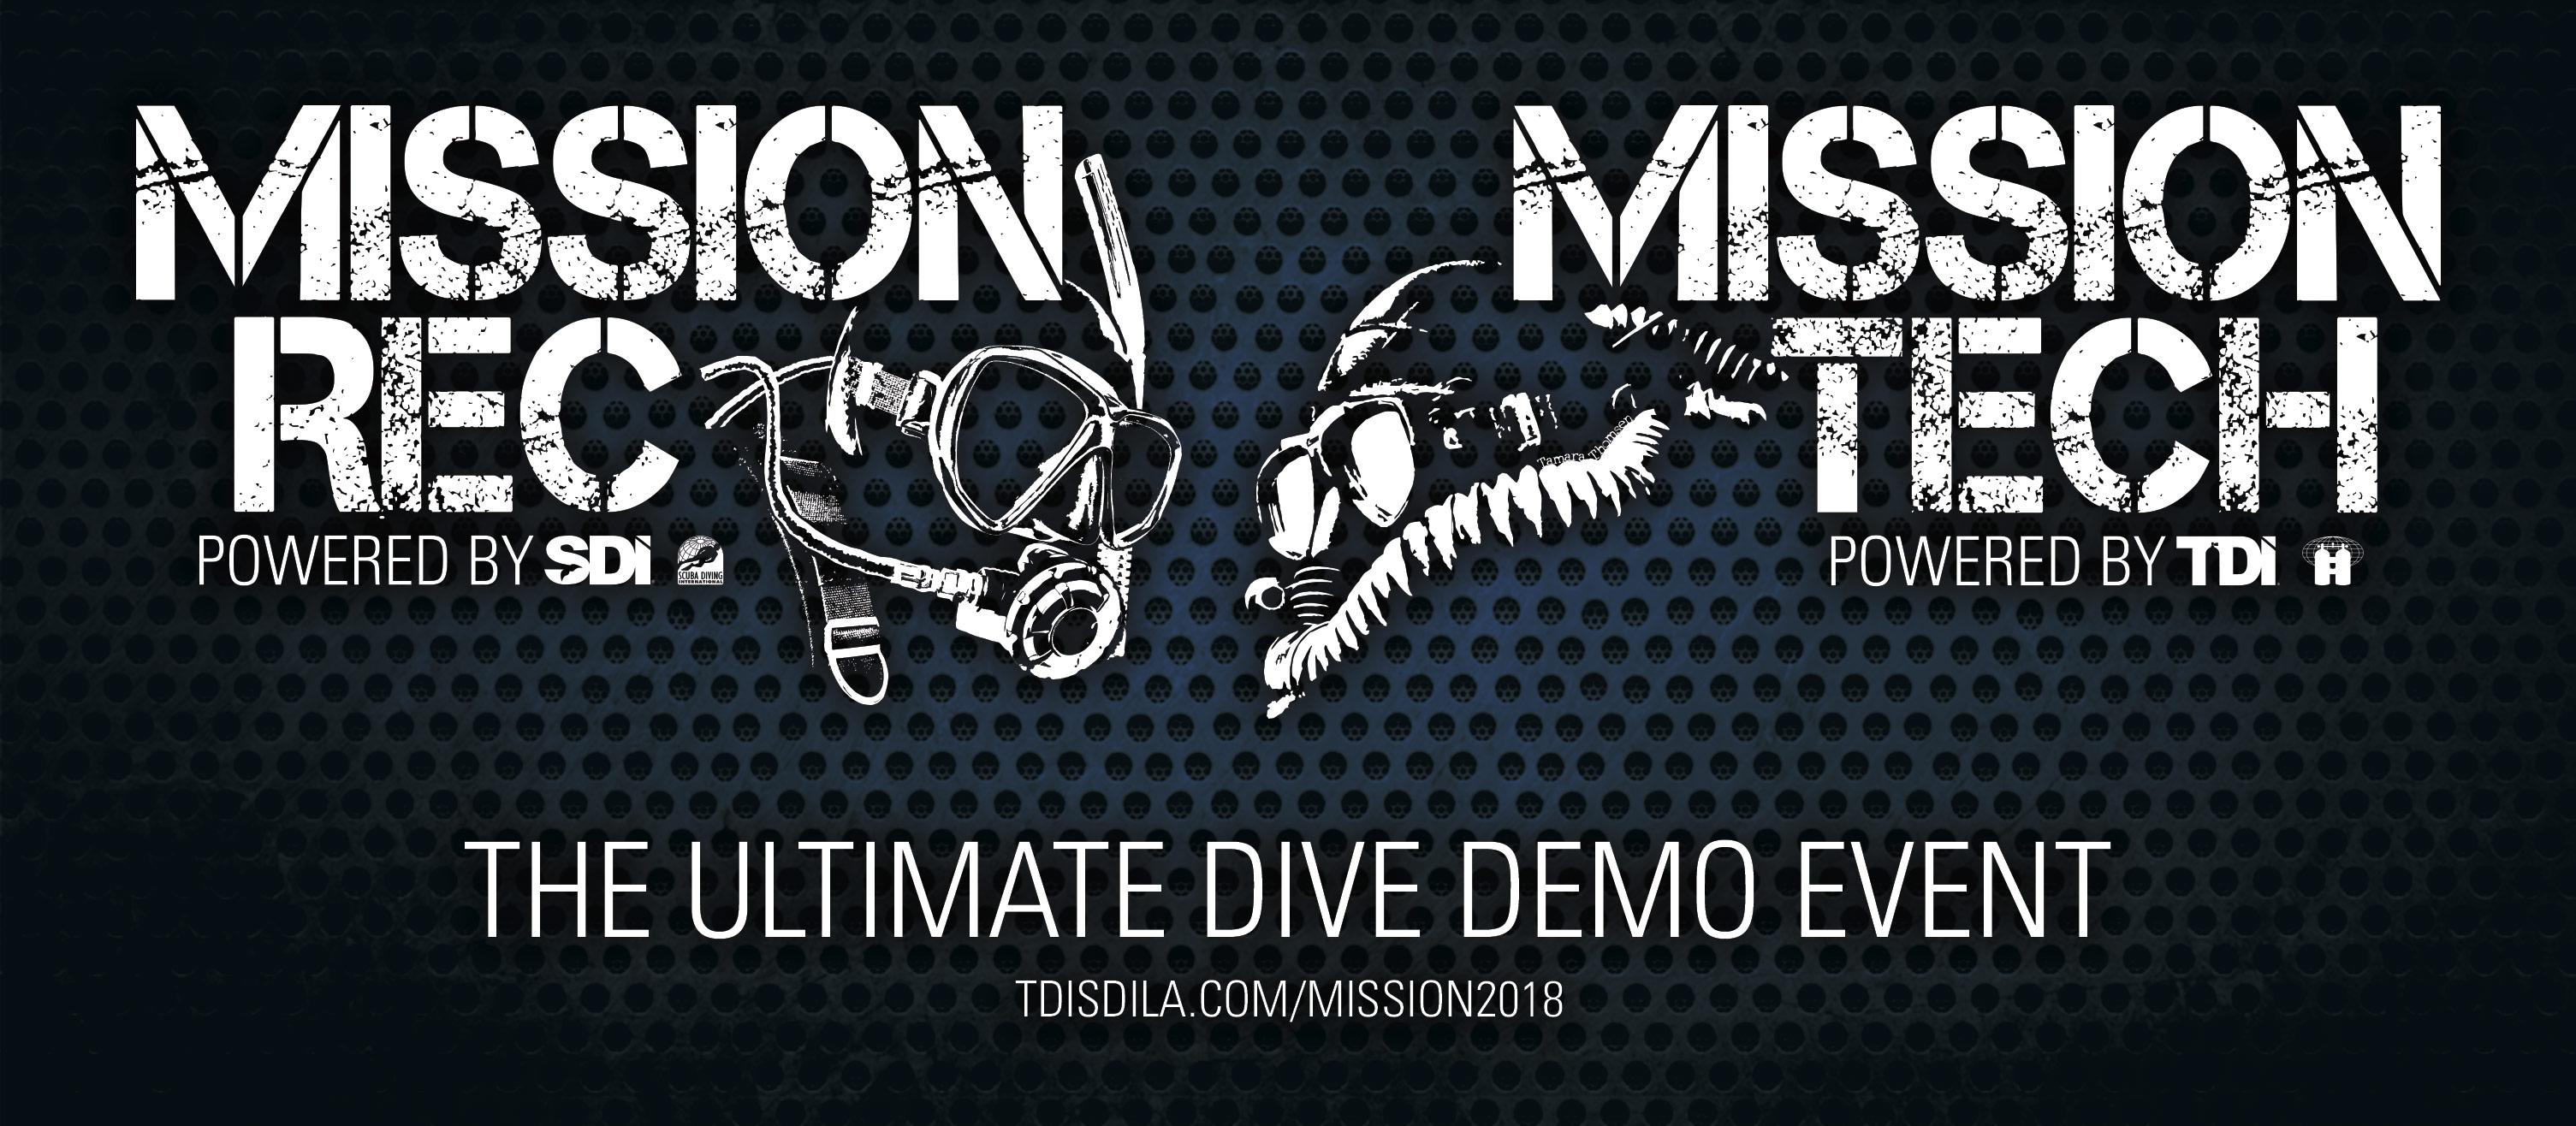 Mission Rec / Mission Tech